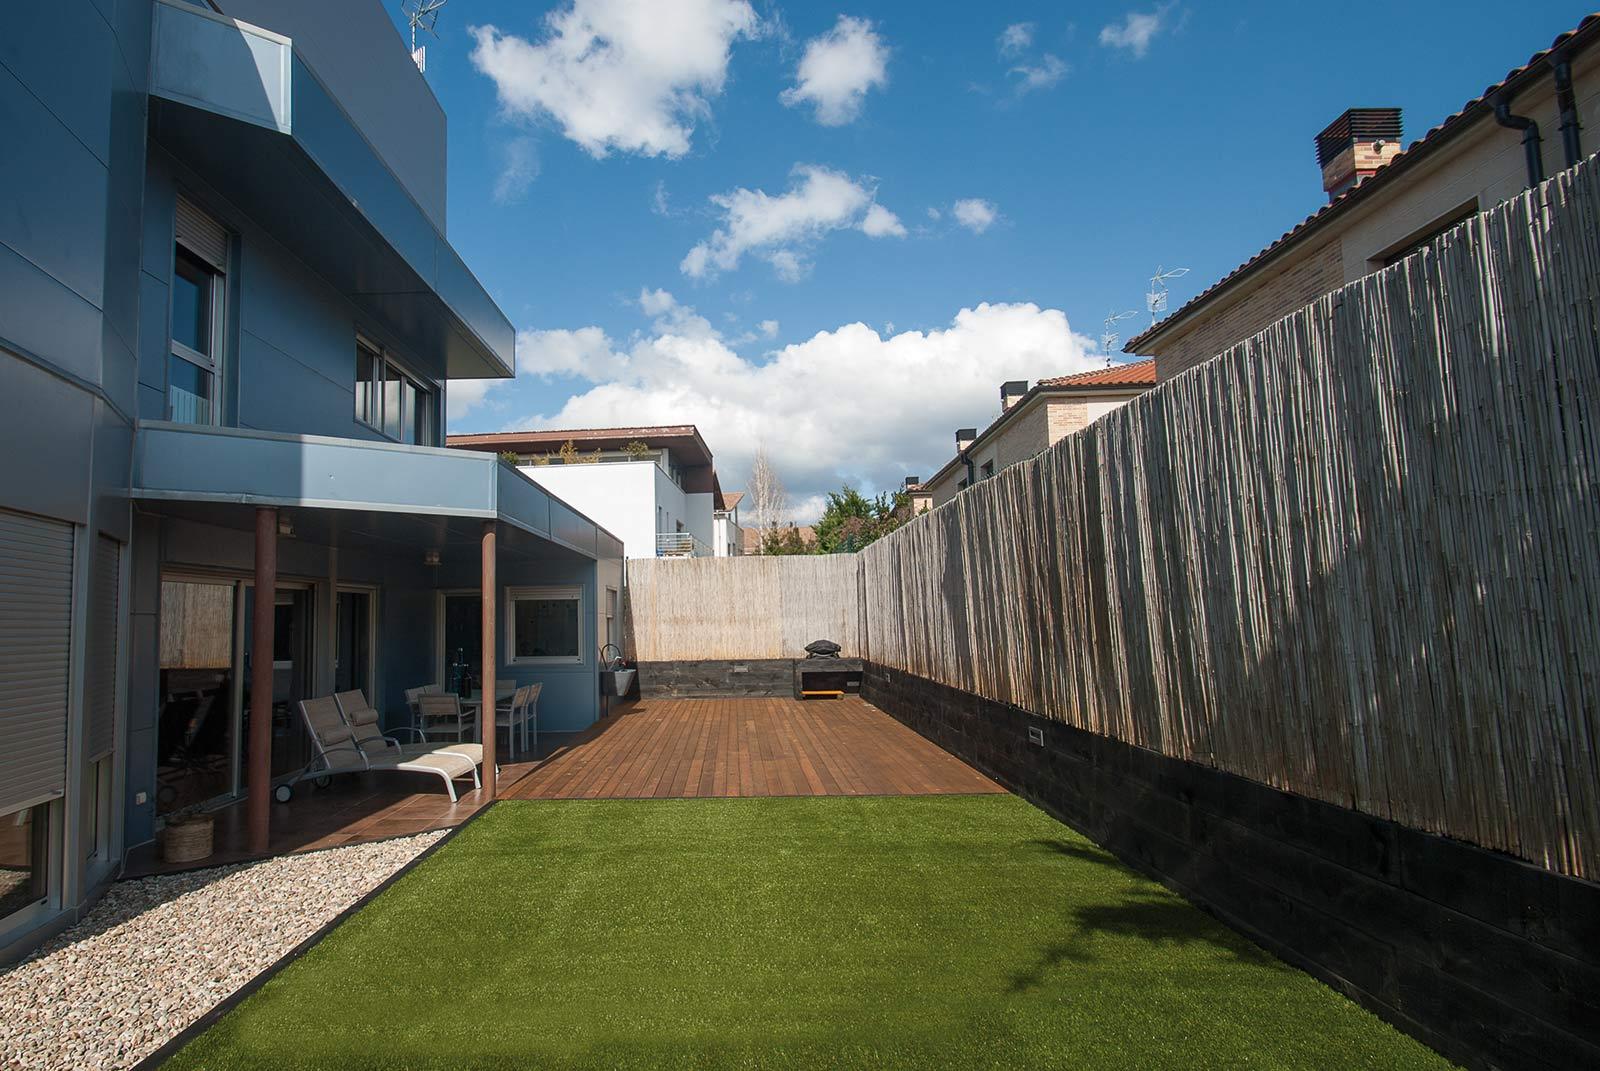 jardin-cesped-artificial-tarima-traviesas-15